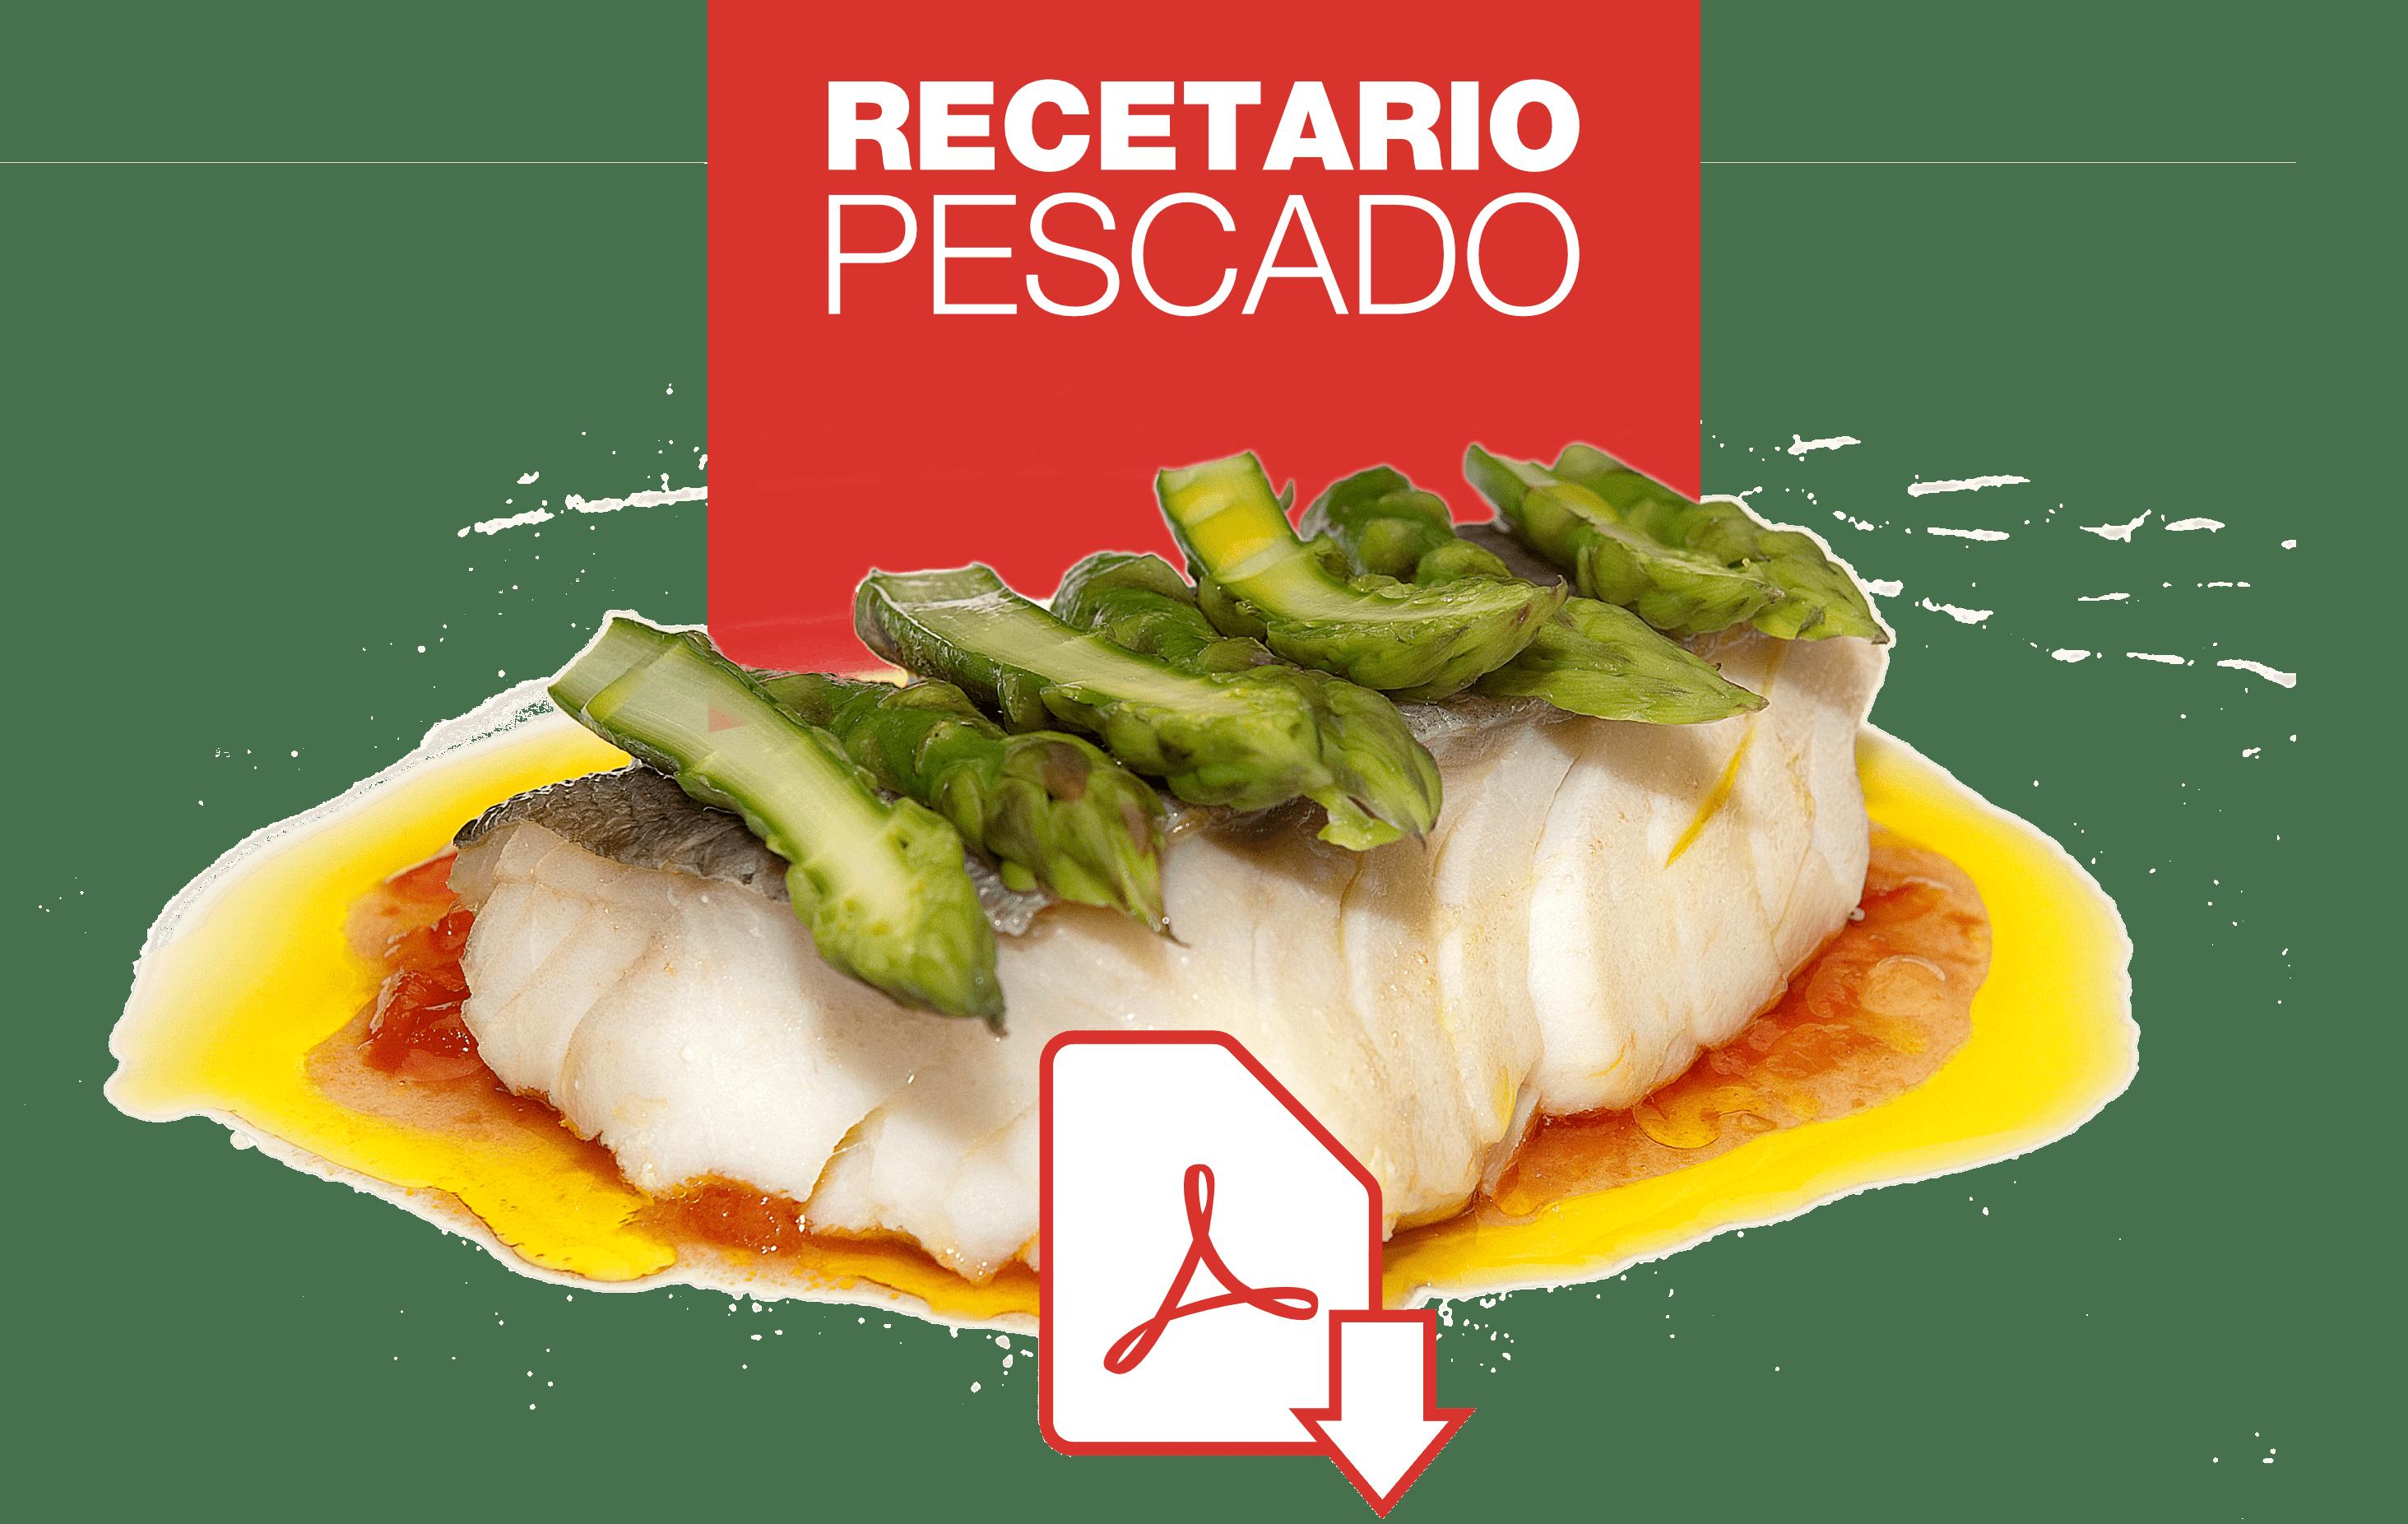 Recetario pescado